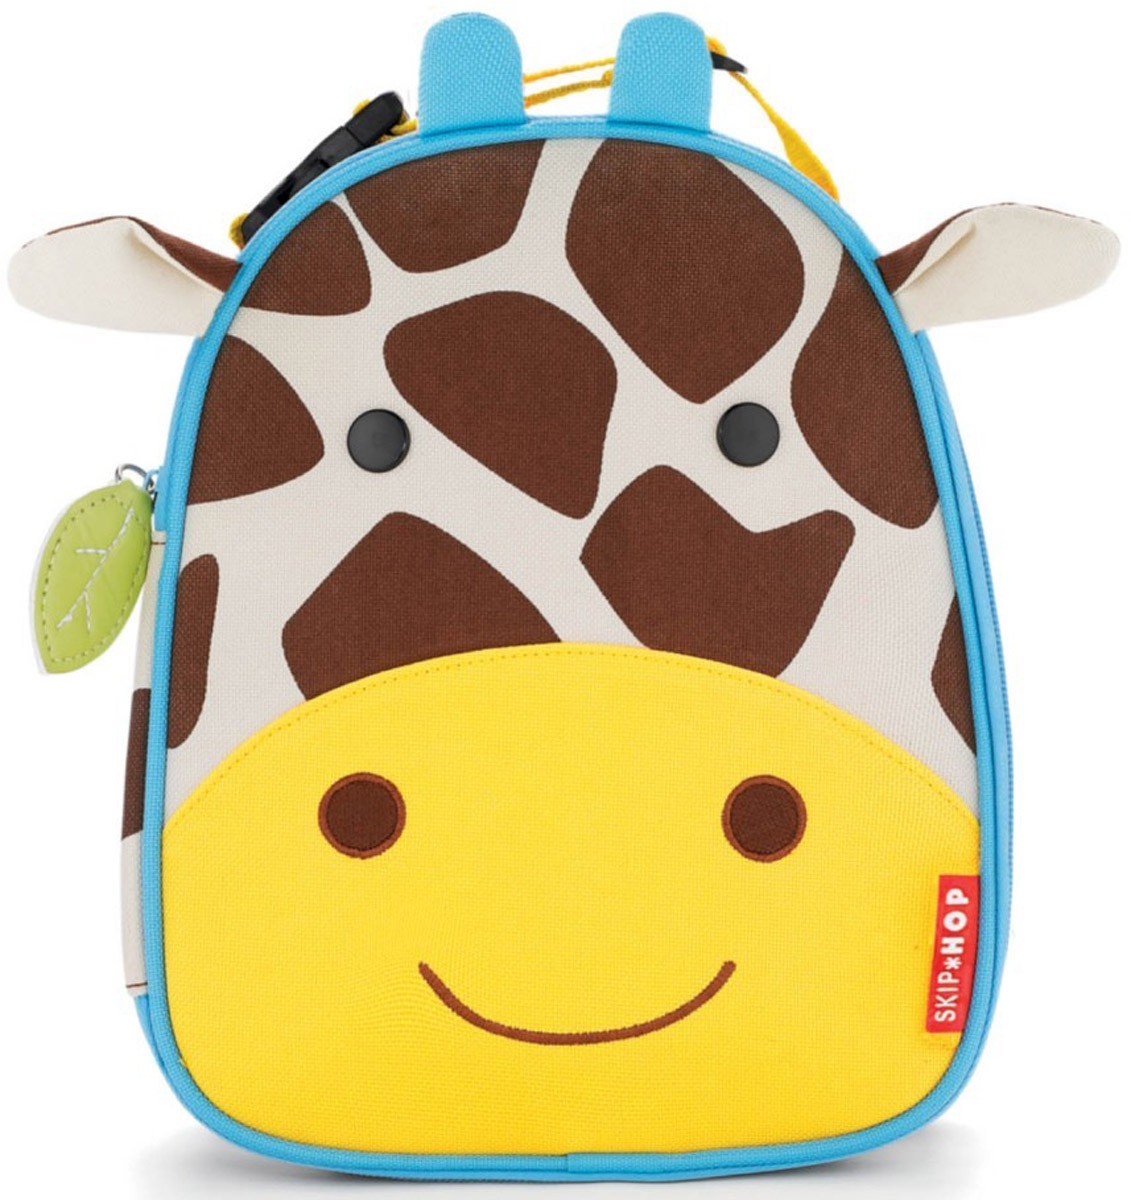 Skip Hop Сумка ланч-бокс детская ЖирафSH 212116Превосходный ланч-бокс Skip Hop Жираф отлично сохранит свежесть и вкус продуктов для вашего ребёнка. Сумка с одним отделением изготовлена из прочного текстиля. Лицевая сторона декорирована мордочкой жирафа с ушками и рожками. Внутренняя поверхность отделана термоизоляционным материалом, благодаря которому продукты дольше остаются свежими. Изделие закрывается на пластиковую застежку-молнию с удобным держателем на бегунке. Внутри имеется сетчатый карман для хранения аксессуаров и текстильная нашивка для записи имени владельца сумки. Ланч-бокс дополнен удобной текстильной ручкой с регулируемой длиной и пластиковым карабином. Такая сумка ланч-бокс пригодится везде: на прогулке, во время учебы, на отдыхе, во время путешествий.